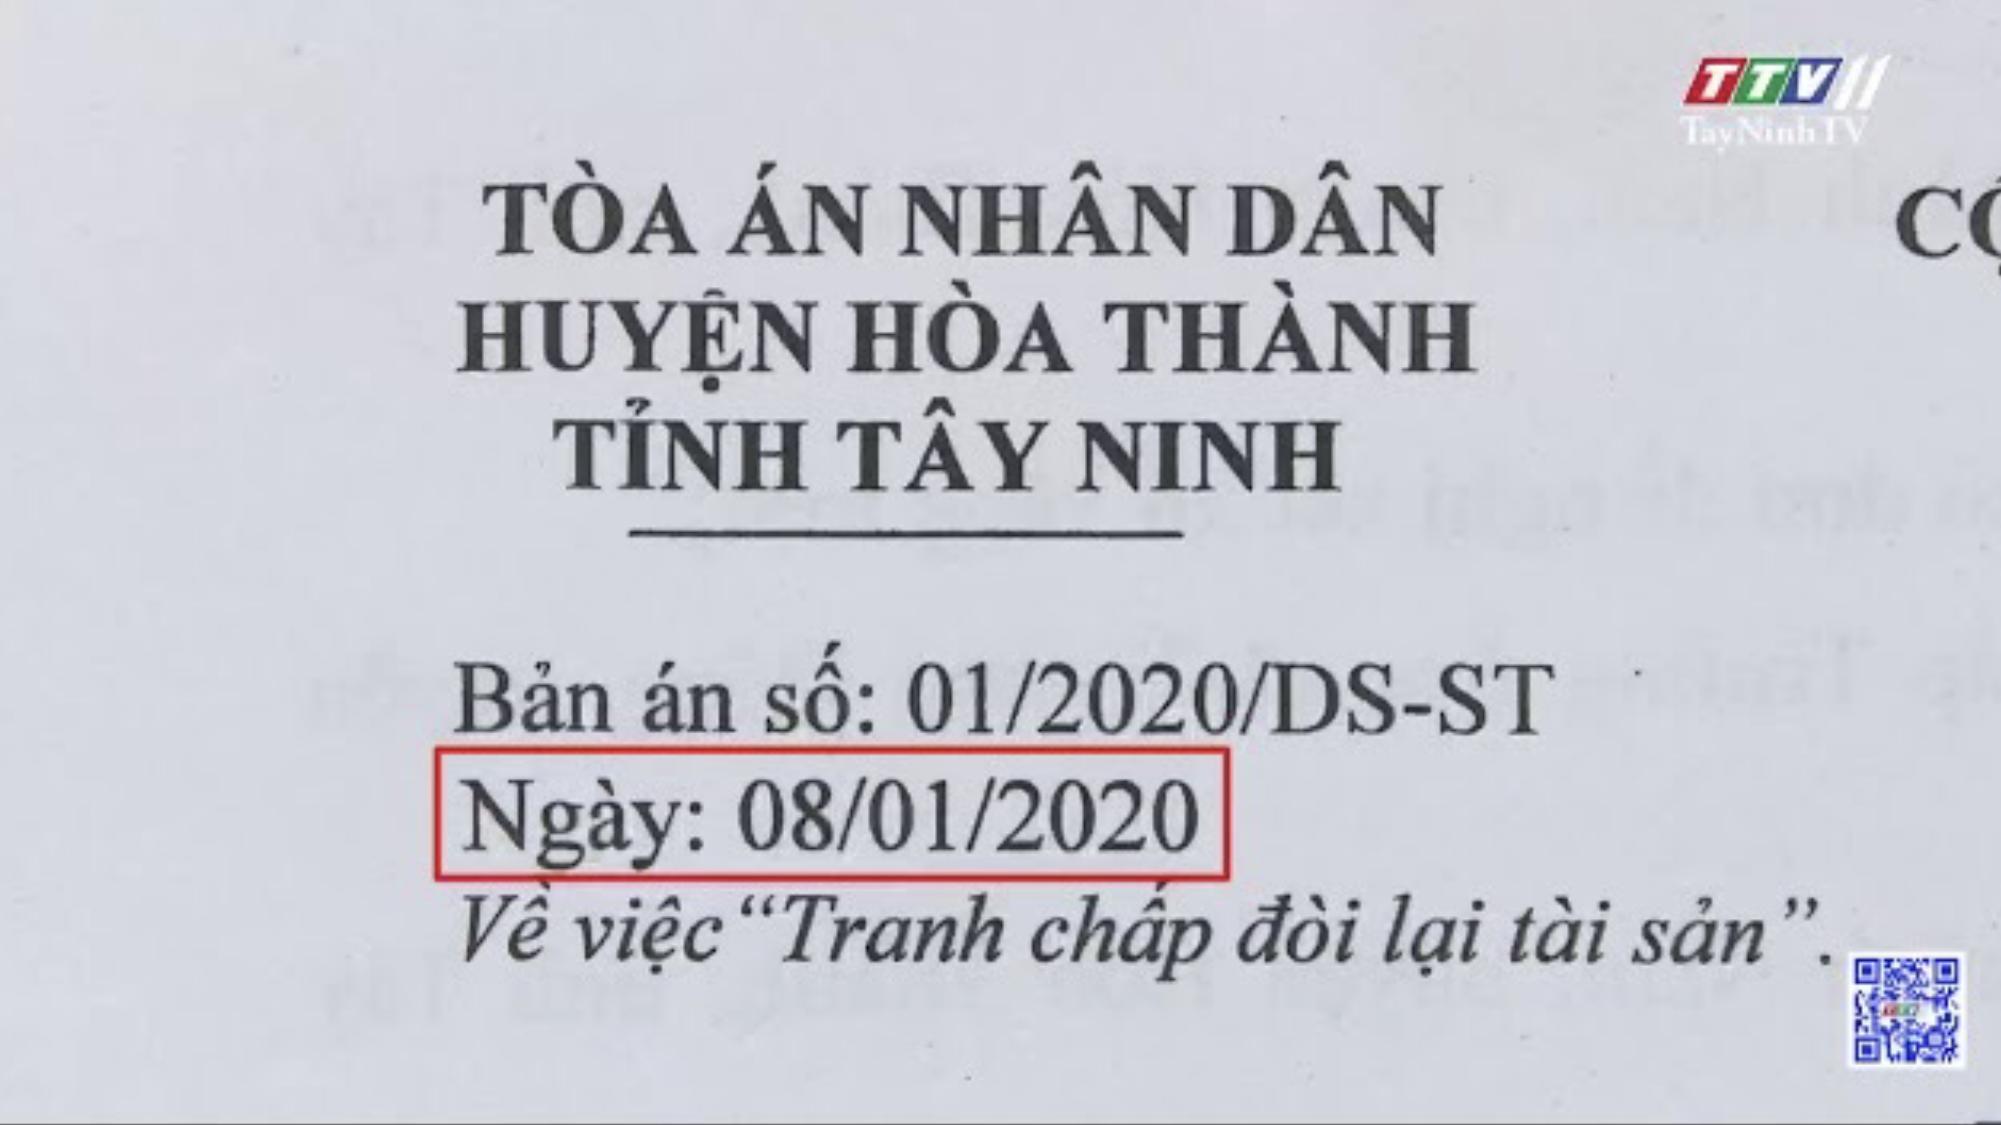 Cần xem lại bản án sơ thẩm dân sự số 17/2020/DSST của Tòa án nhân dân thị xã Hòa Thành | Hộp thư truyền hình | TâyNinhTV